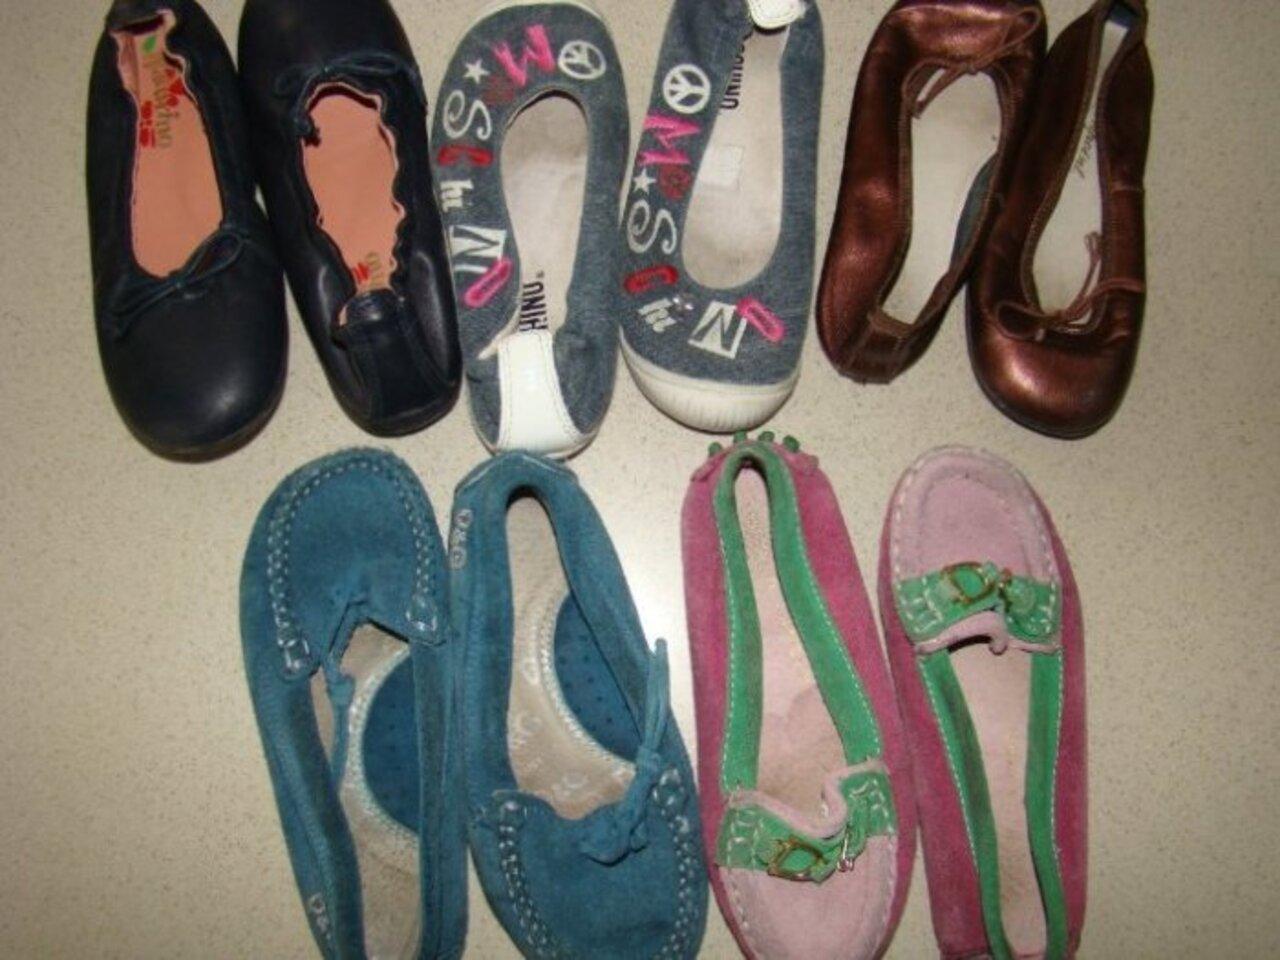 Слева направо-верхний ряд-Naturino туфли черные р.26 нат.кожа -800,Moschino спортив.туфли, джинс., р.26 -800,Bonpoint-проданы.  Нижний ряд -D&G бирюз.макасы отдам к покупке,RL макасы р.26- 400.